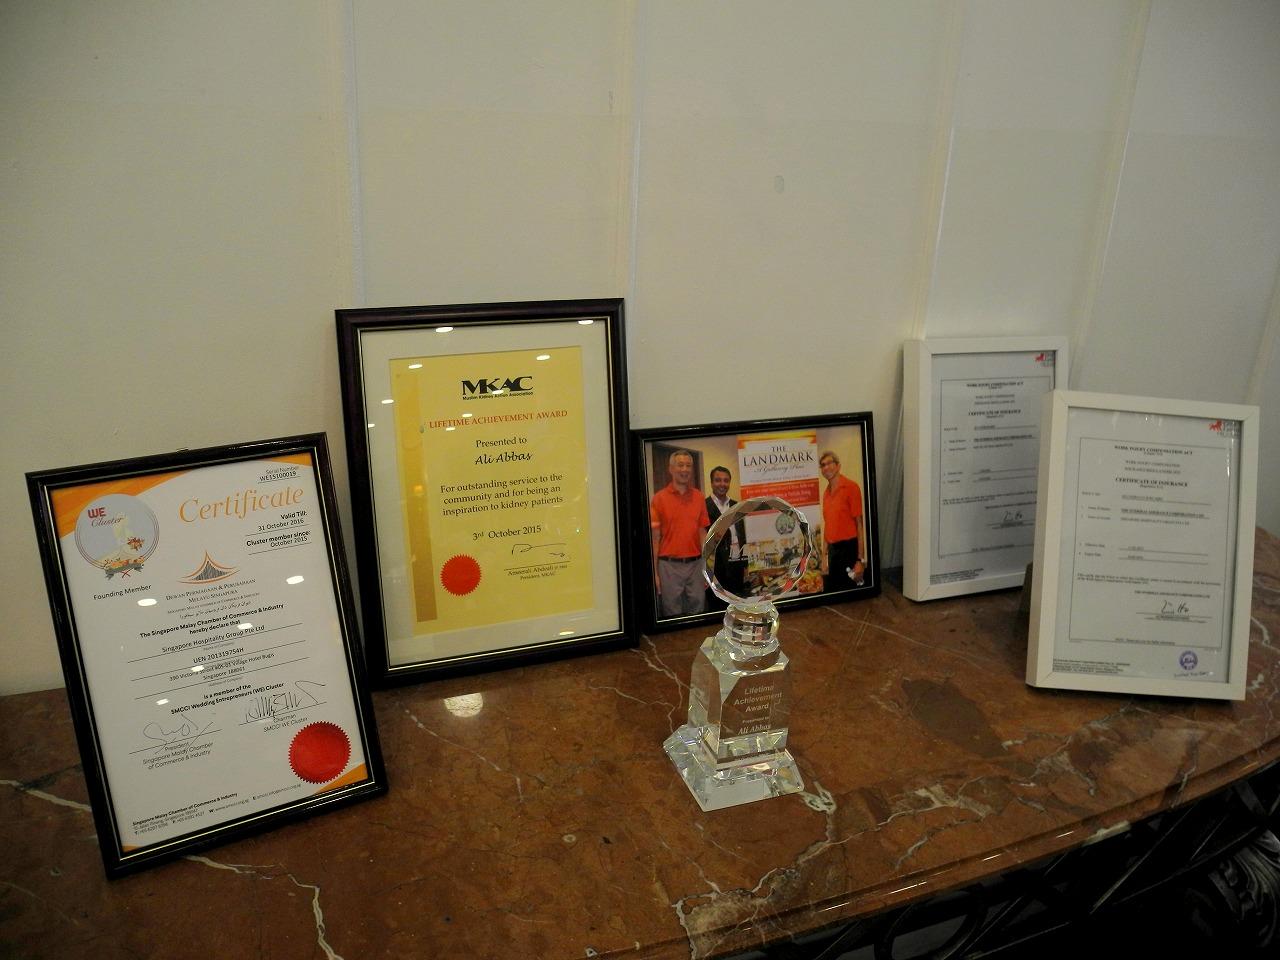 ランドマークレストラン政府機関から表彰